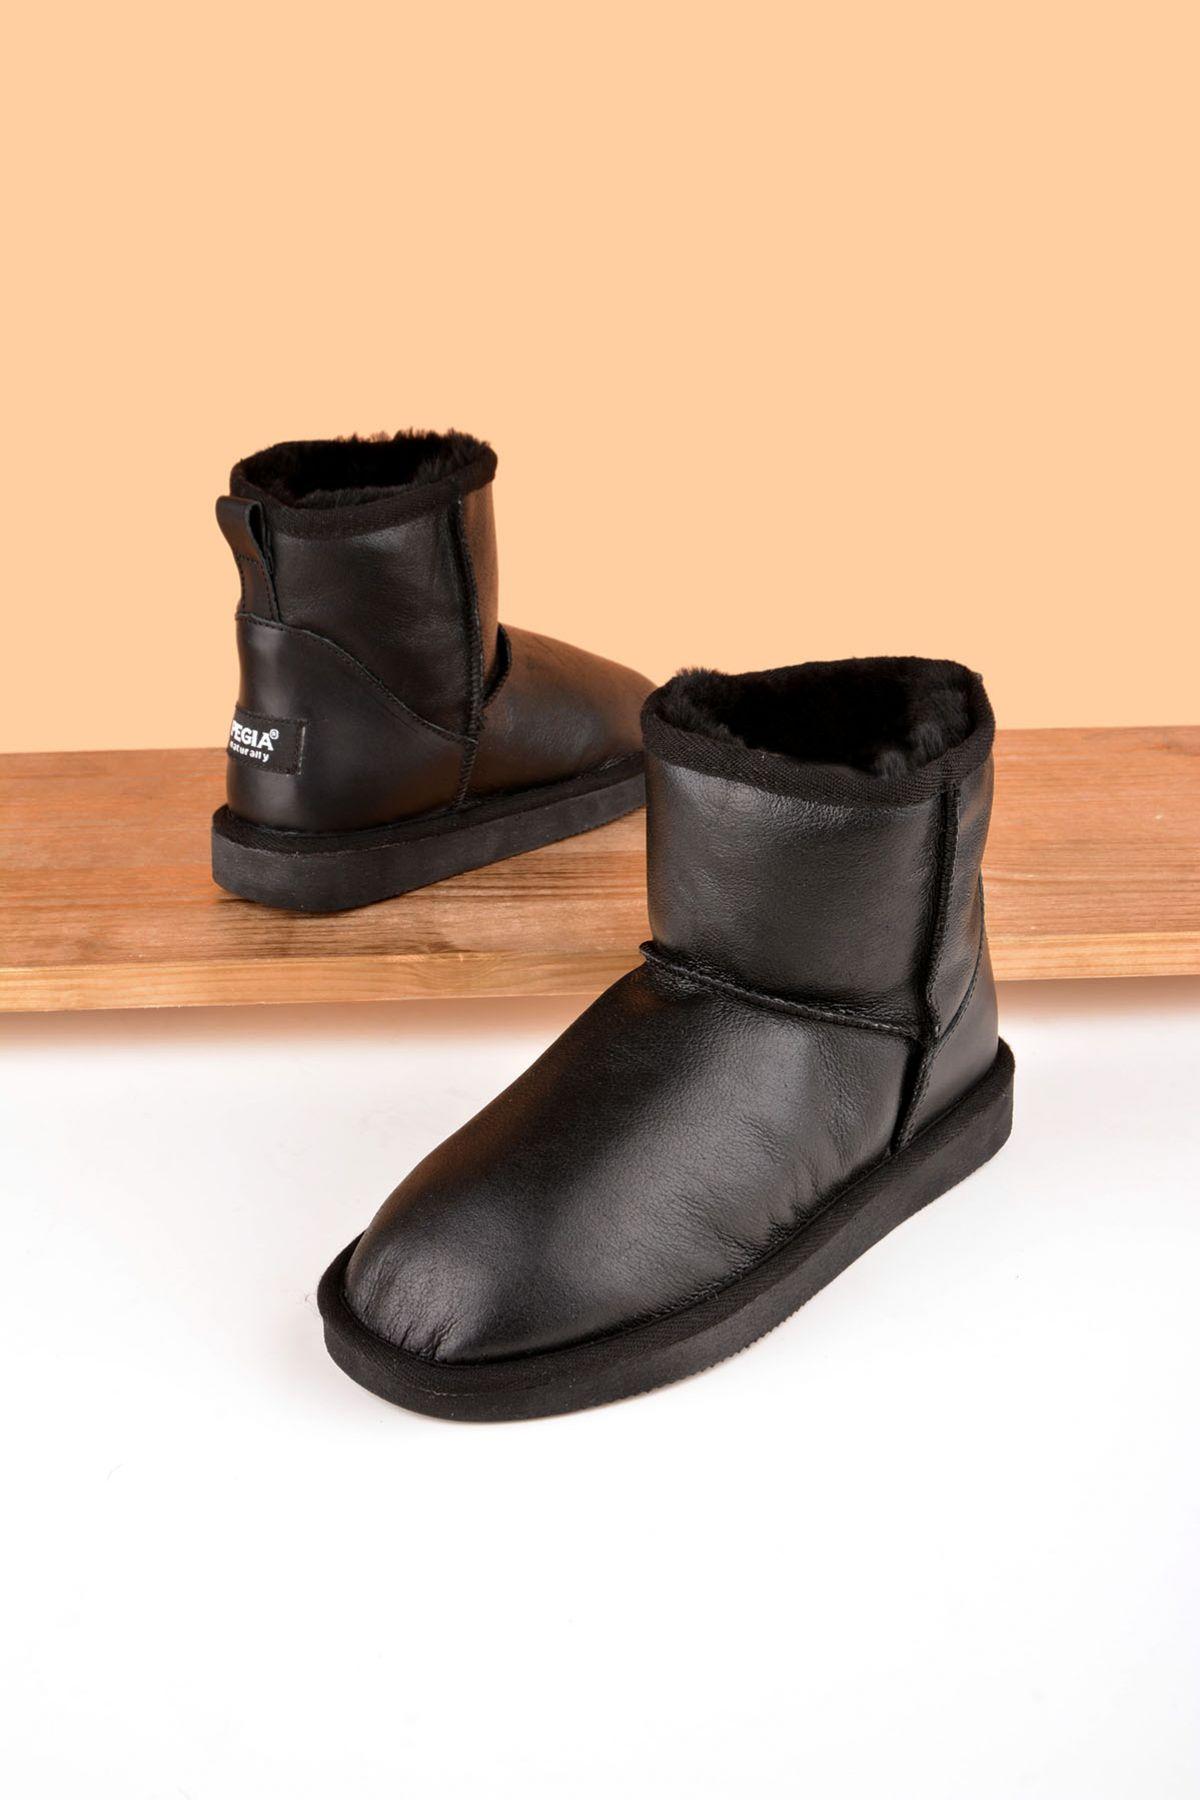 65baec84015 sweden genuine leather ugg boots 5eb86 72d9b